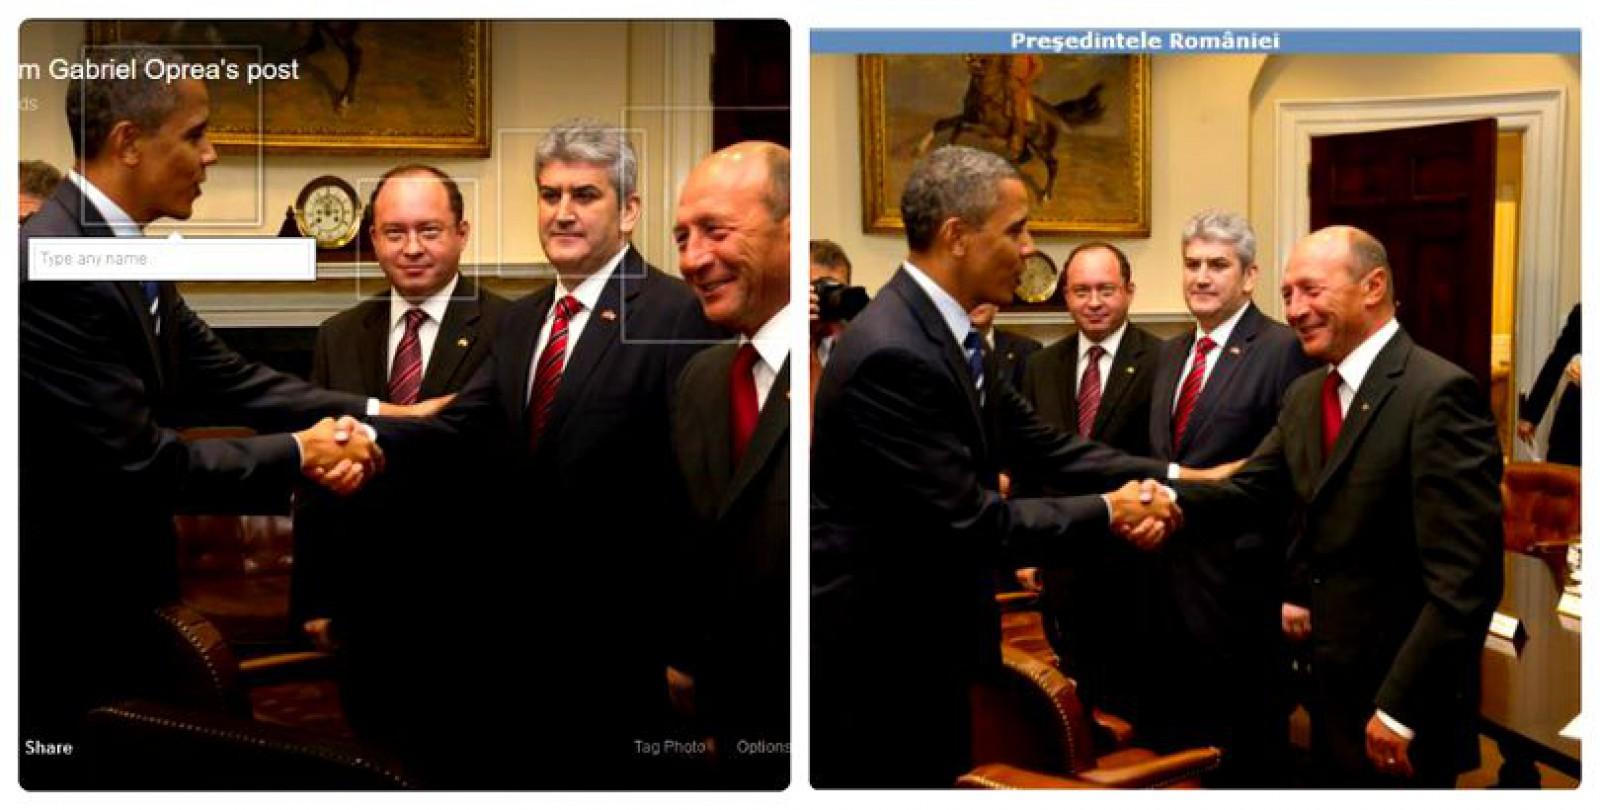 Un fost vicepremier român a modificat o poză în care Obama dă mâna cu Băsescu, pentru a părea că ex-președintele SUA îl salută pe el